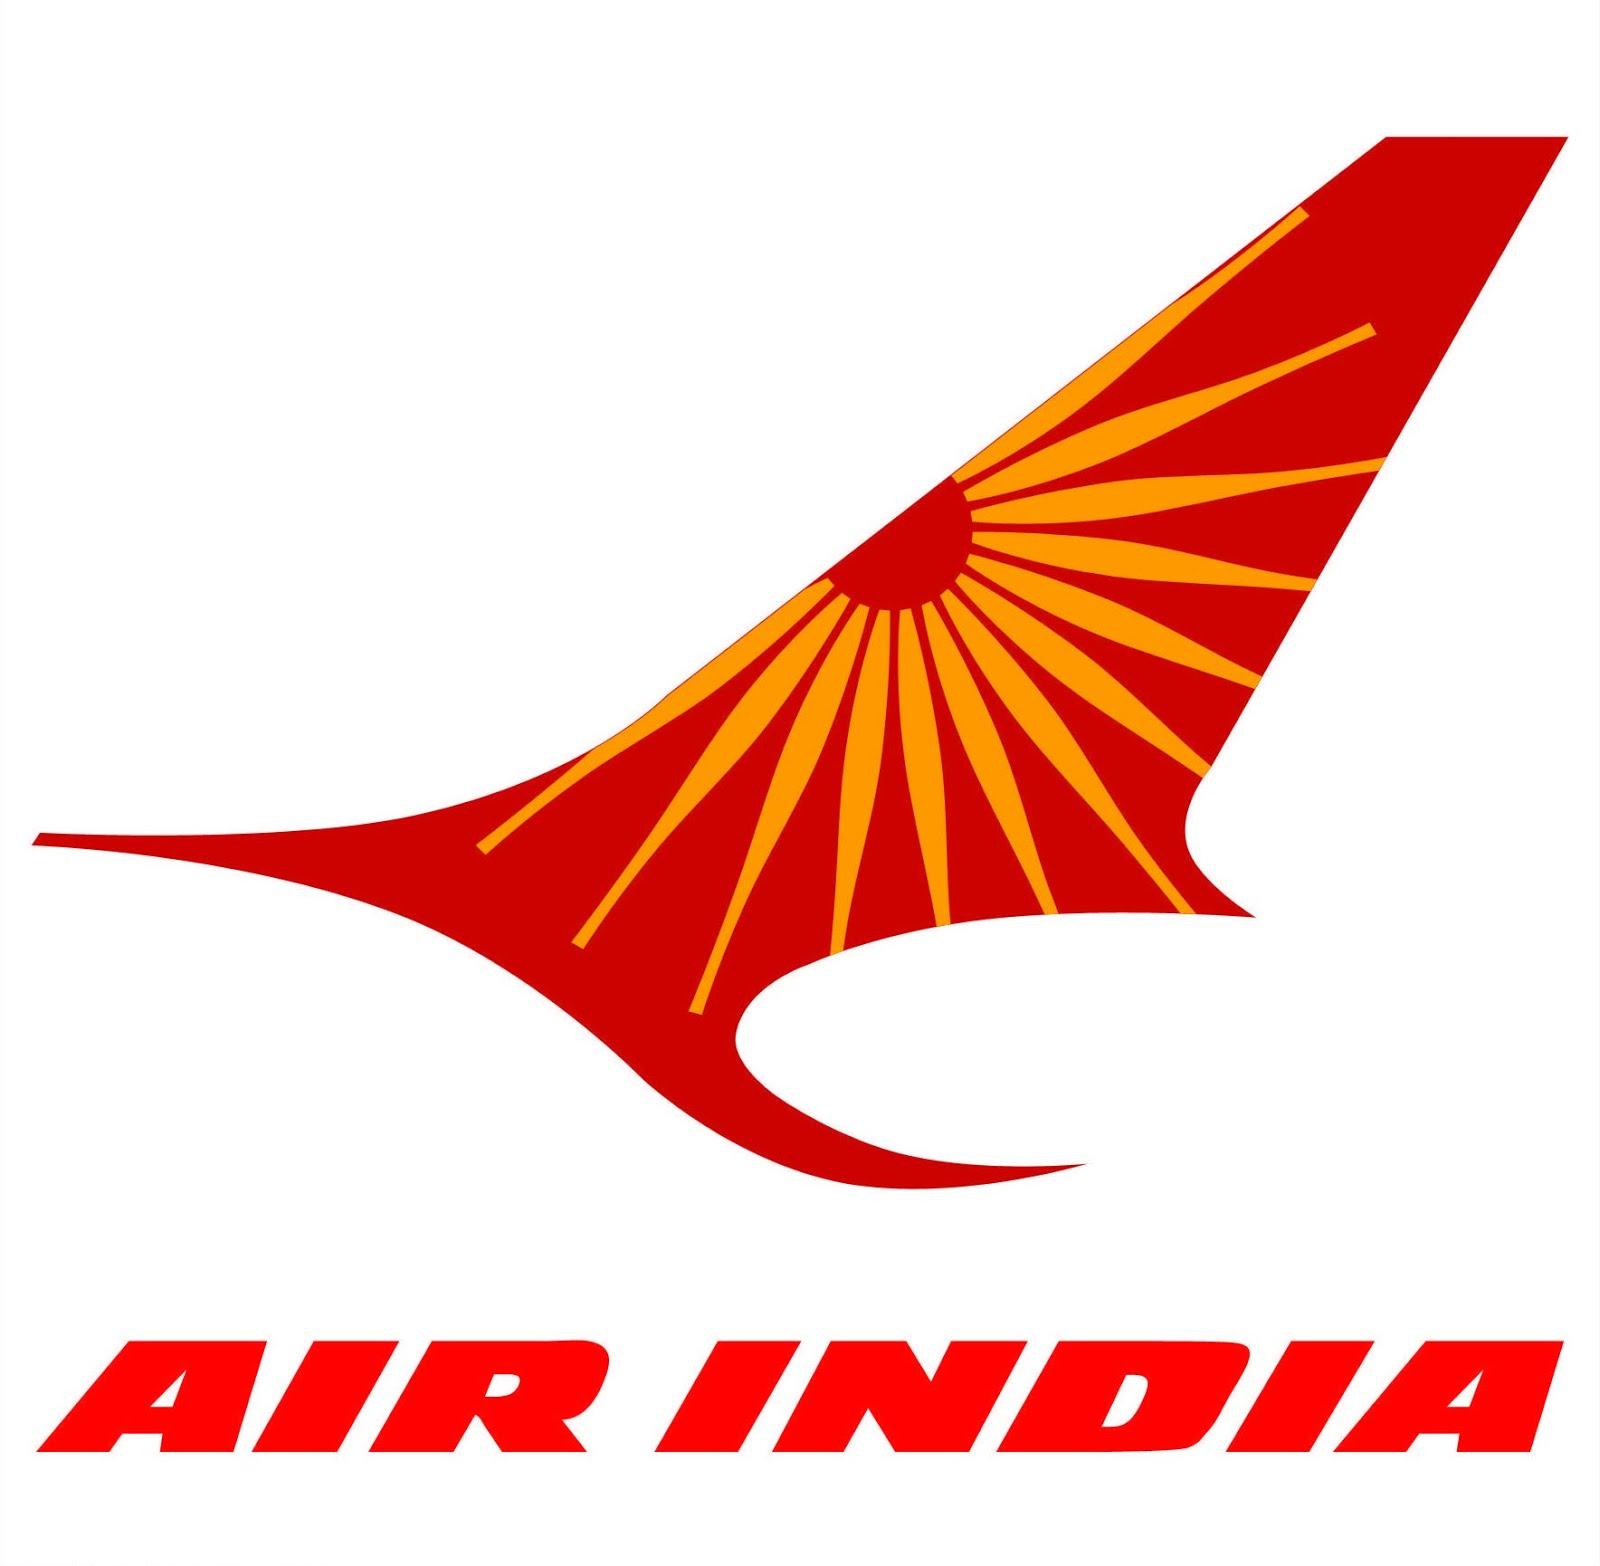 Air india recruitment 2017 27 posts vacancies government jobs